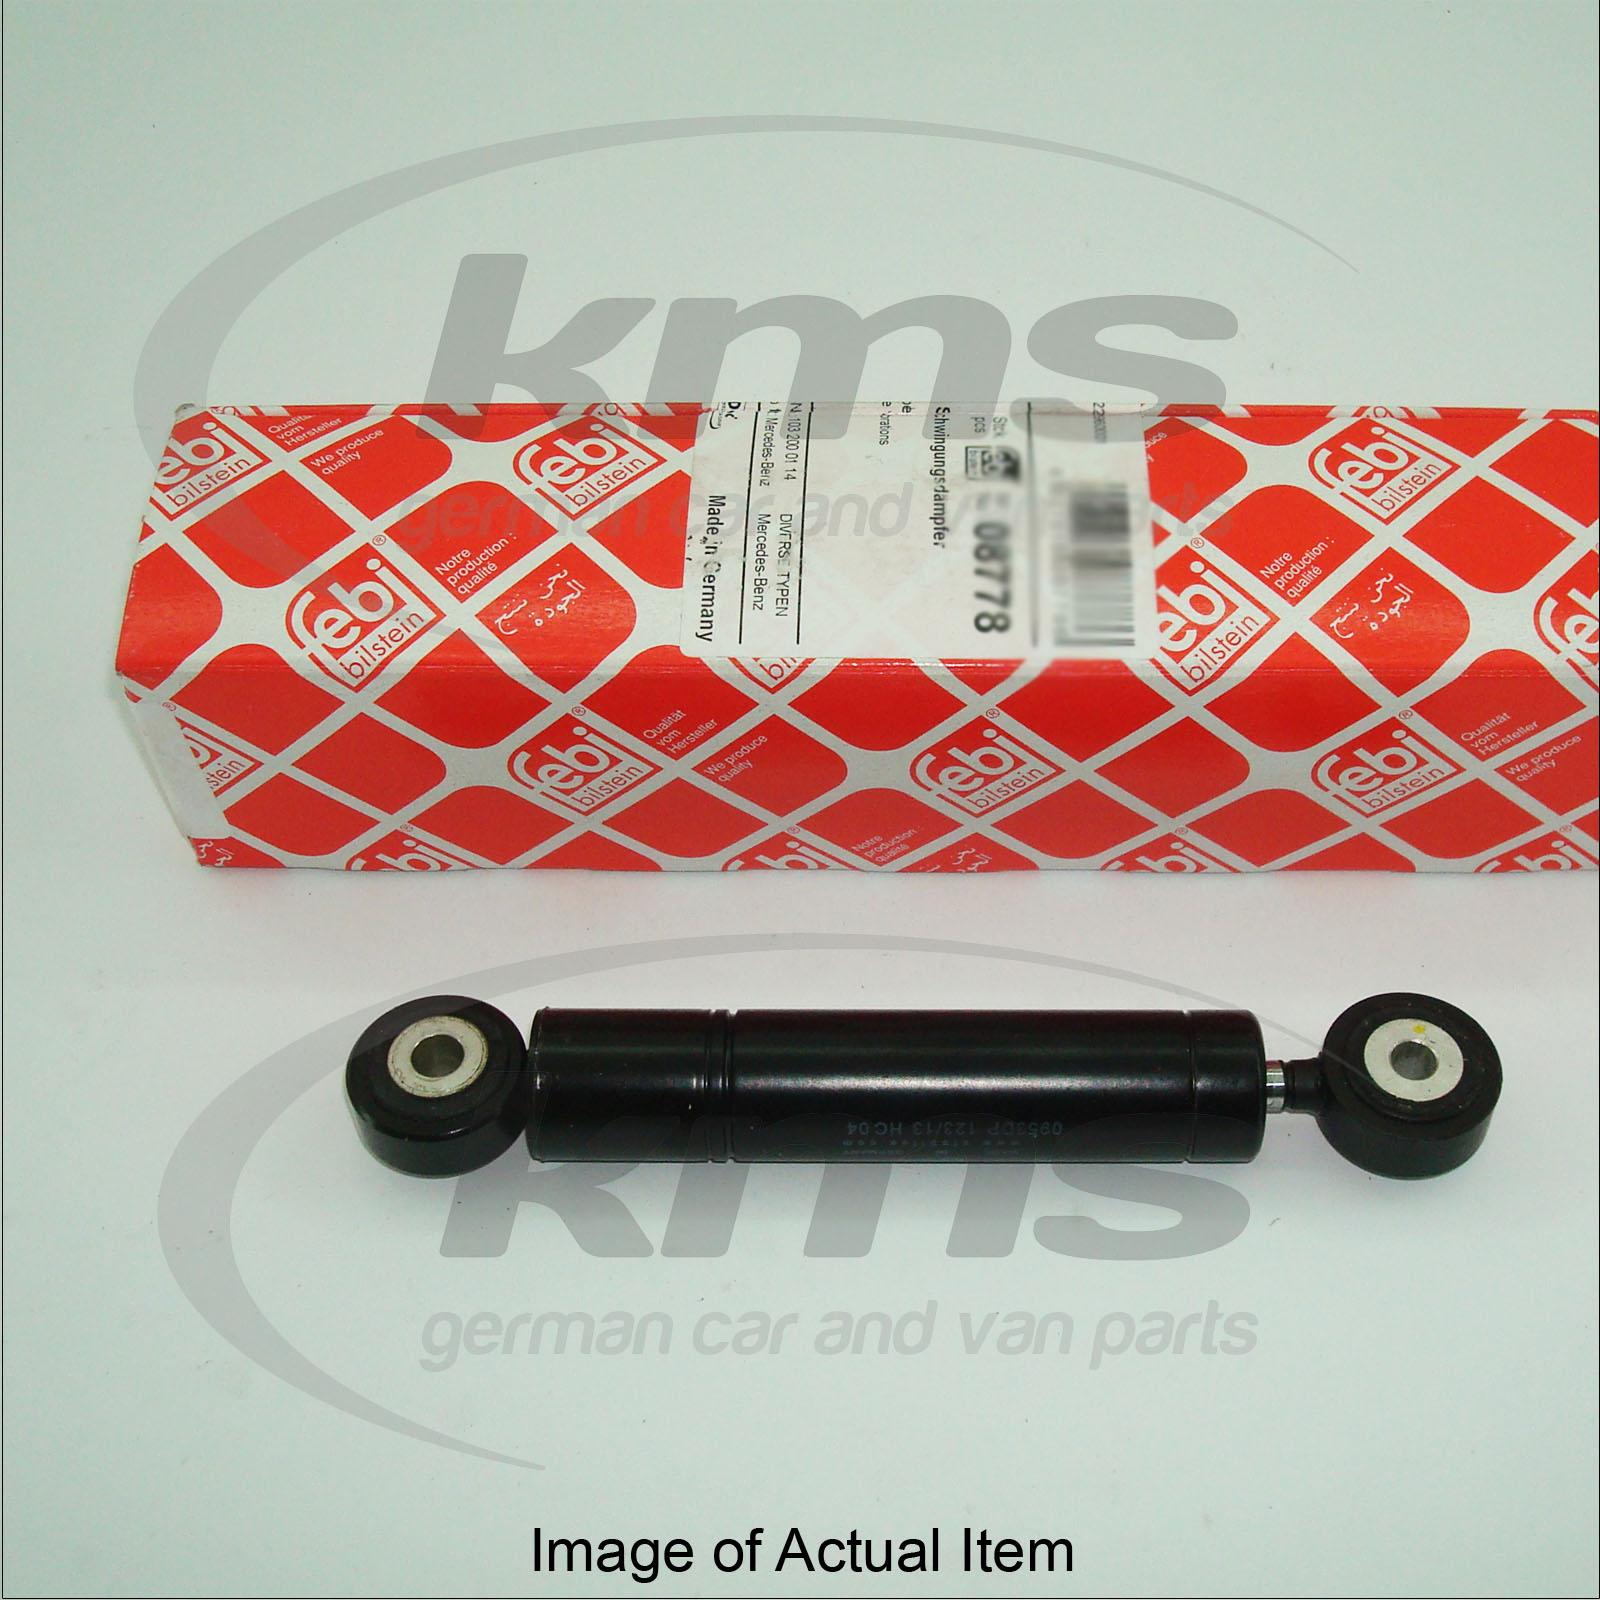 Poly v belt damper 300sl m103 85 89 mercedes c class for Poly v belt for mercedes benz